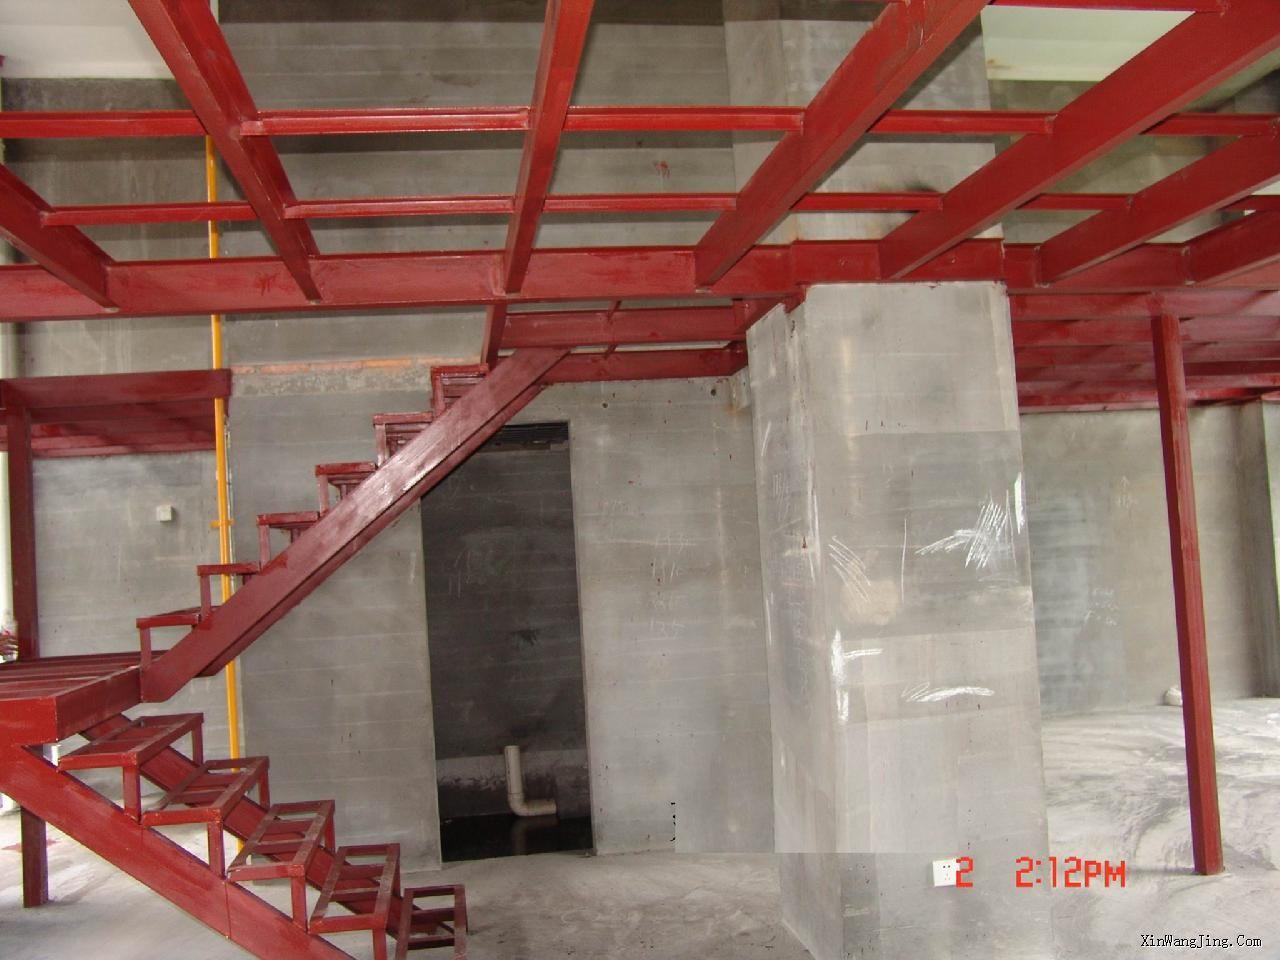 三、槽钢阁楼的建造方法由于水泥现浇很少人采用,所以我们重点说明槽钢的搭法。如果你采用的是水泥楼板,那么建议你参考有关的建筑施工书籍。下面的施工方法是以你的室内平面是方形的来考虑的。 1、槽钢楼板的最关键一点就是槽钢两端的固定。固定方法主要有三种:一种是在墙上用角钢做一个另外一种是先在墙上打一个孔,然后把槽钢伸进墙内,并由墙体直接承担槽钢的重量。此方法只限于承重墙或者较厚的剪力墙。另一种方法是直接竖另一条槽钢来支撑横的槽钢,竖的槽钢要固定在墙上。此方法要考虑竖的槽钢所处的位置的楼板的承重能力,宜多点分布式